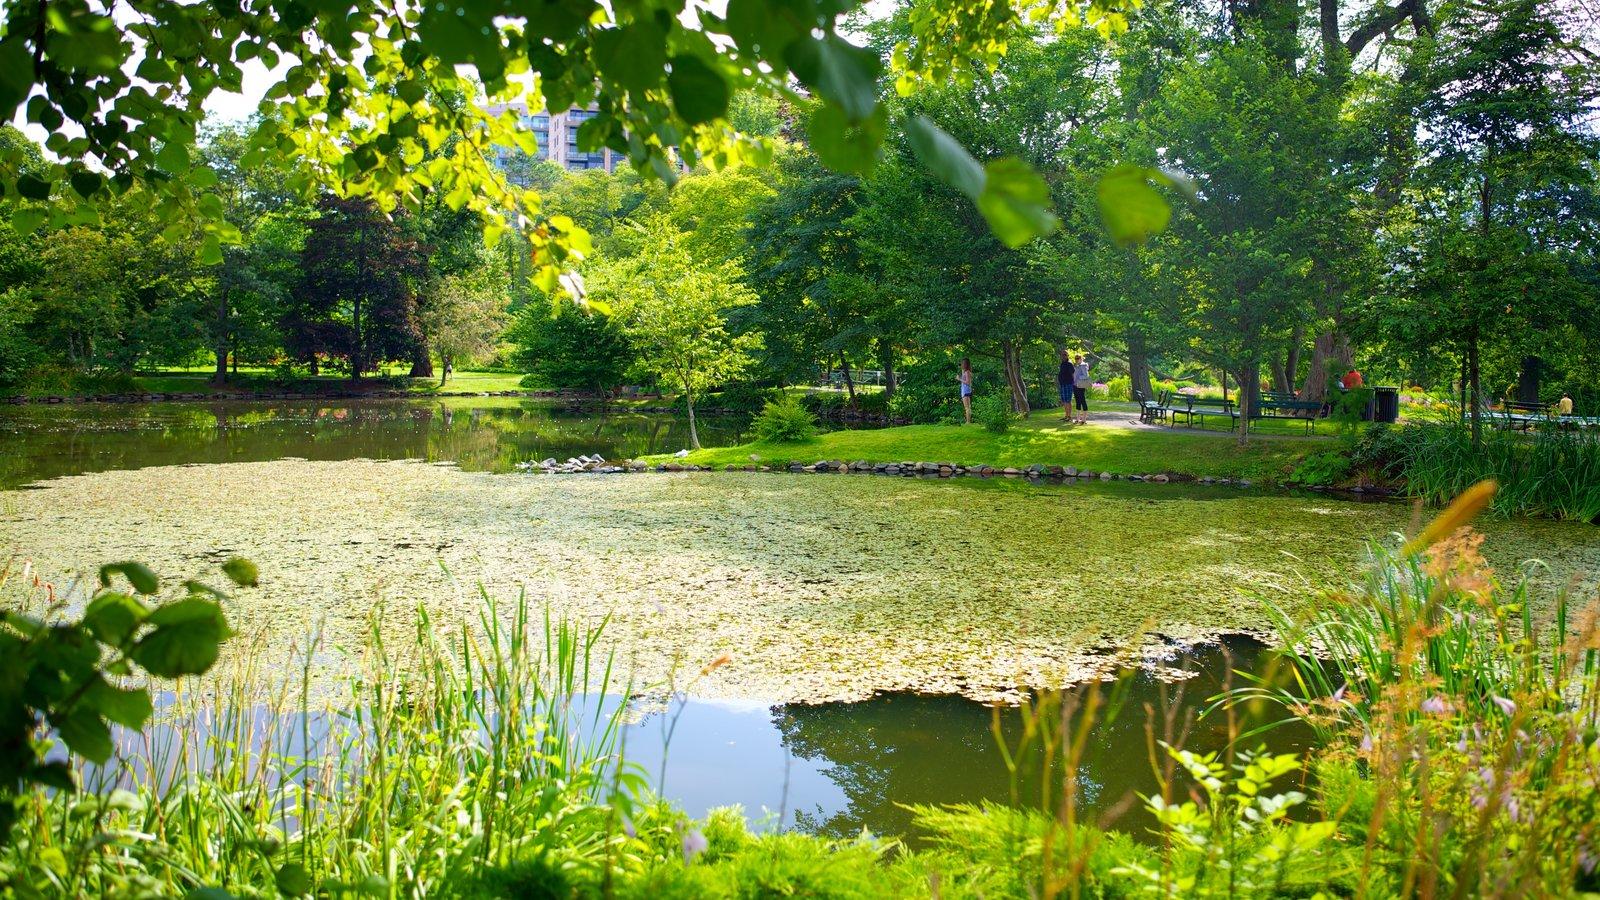 Jardines públicos Halifax que incluye un jardín y un estanque